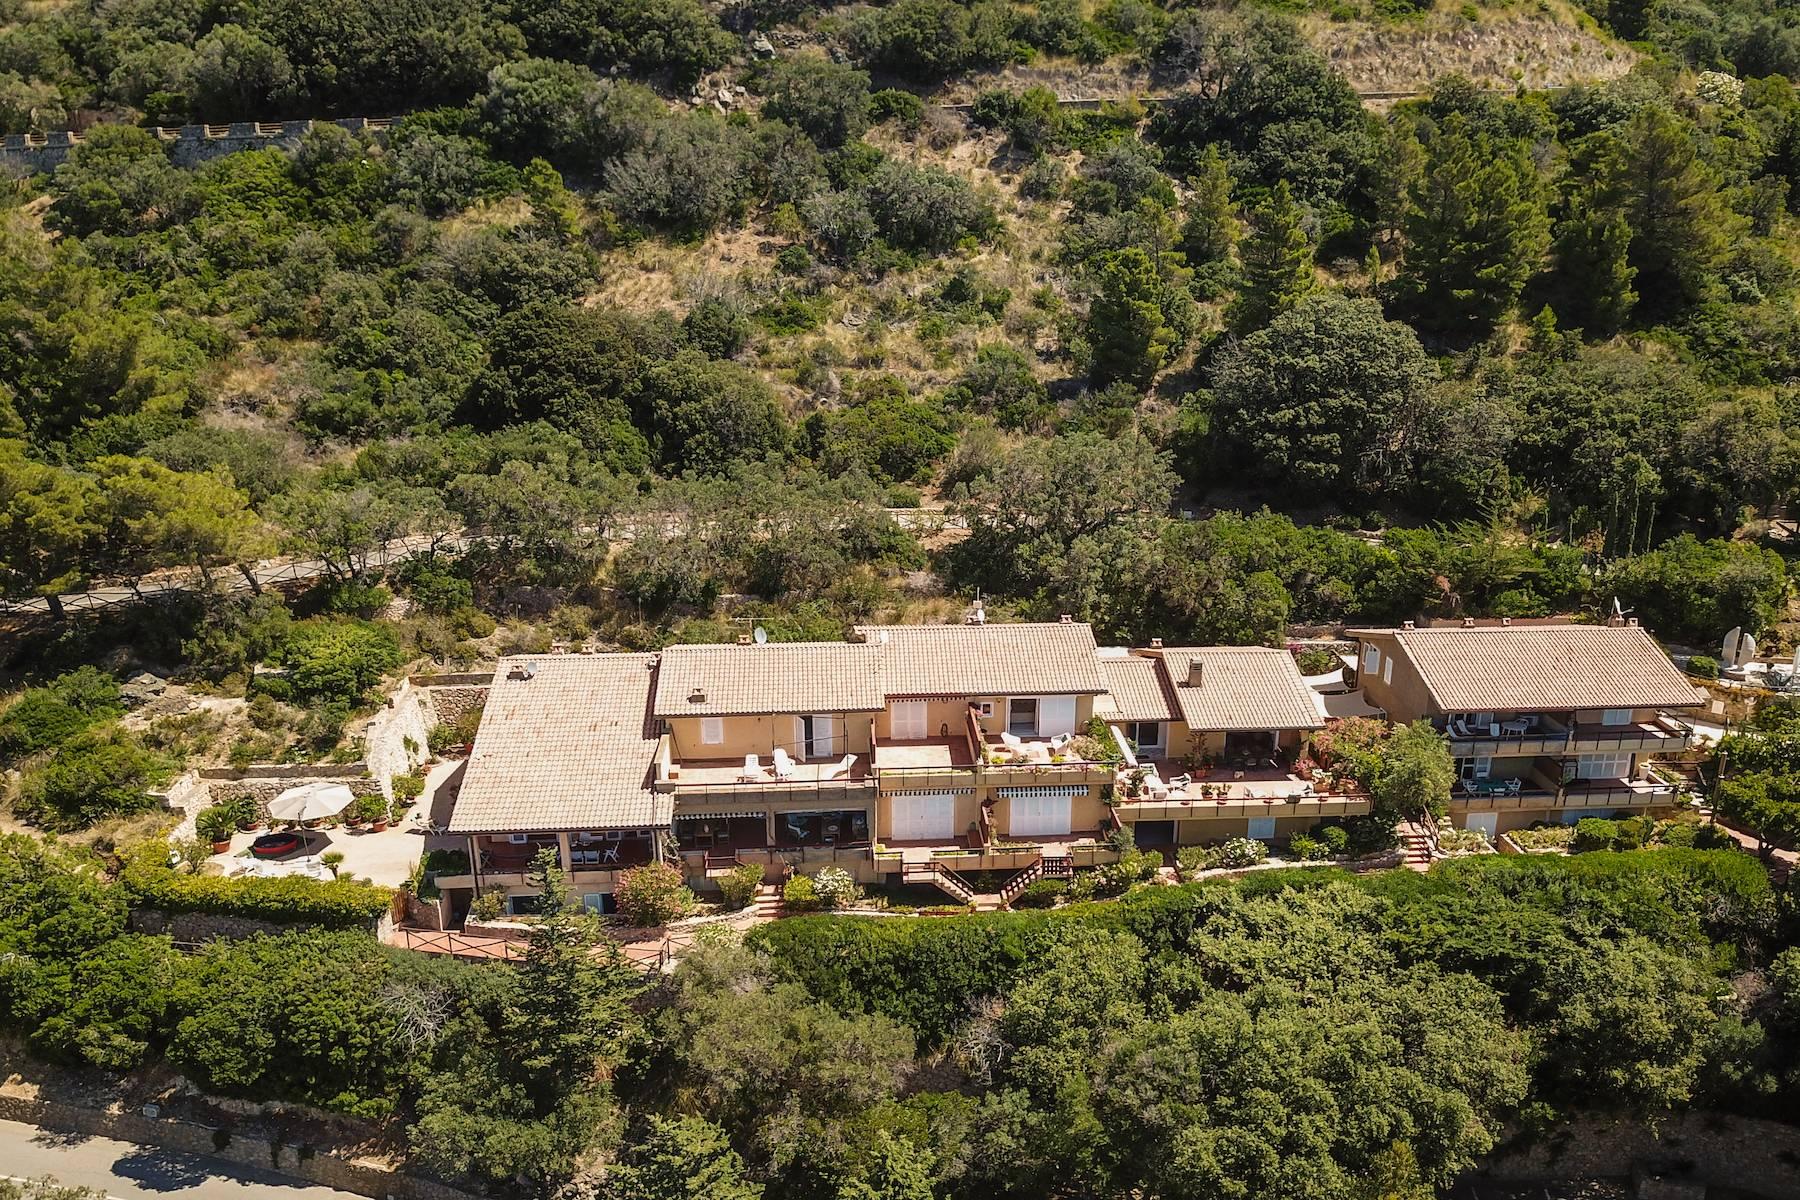 Casa indipendente in Vendita a Monte Argentario: 5 locali, 200 mq - Foto 2